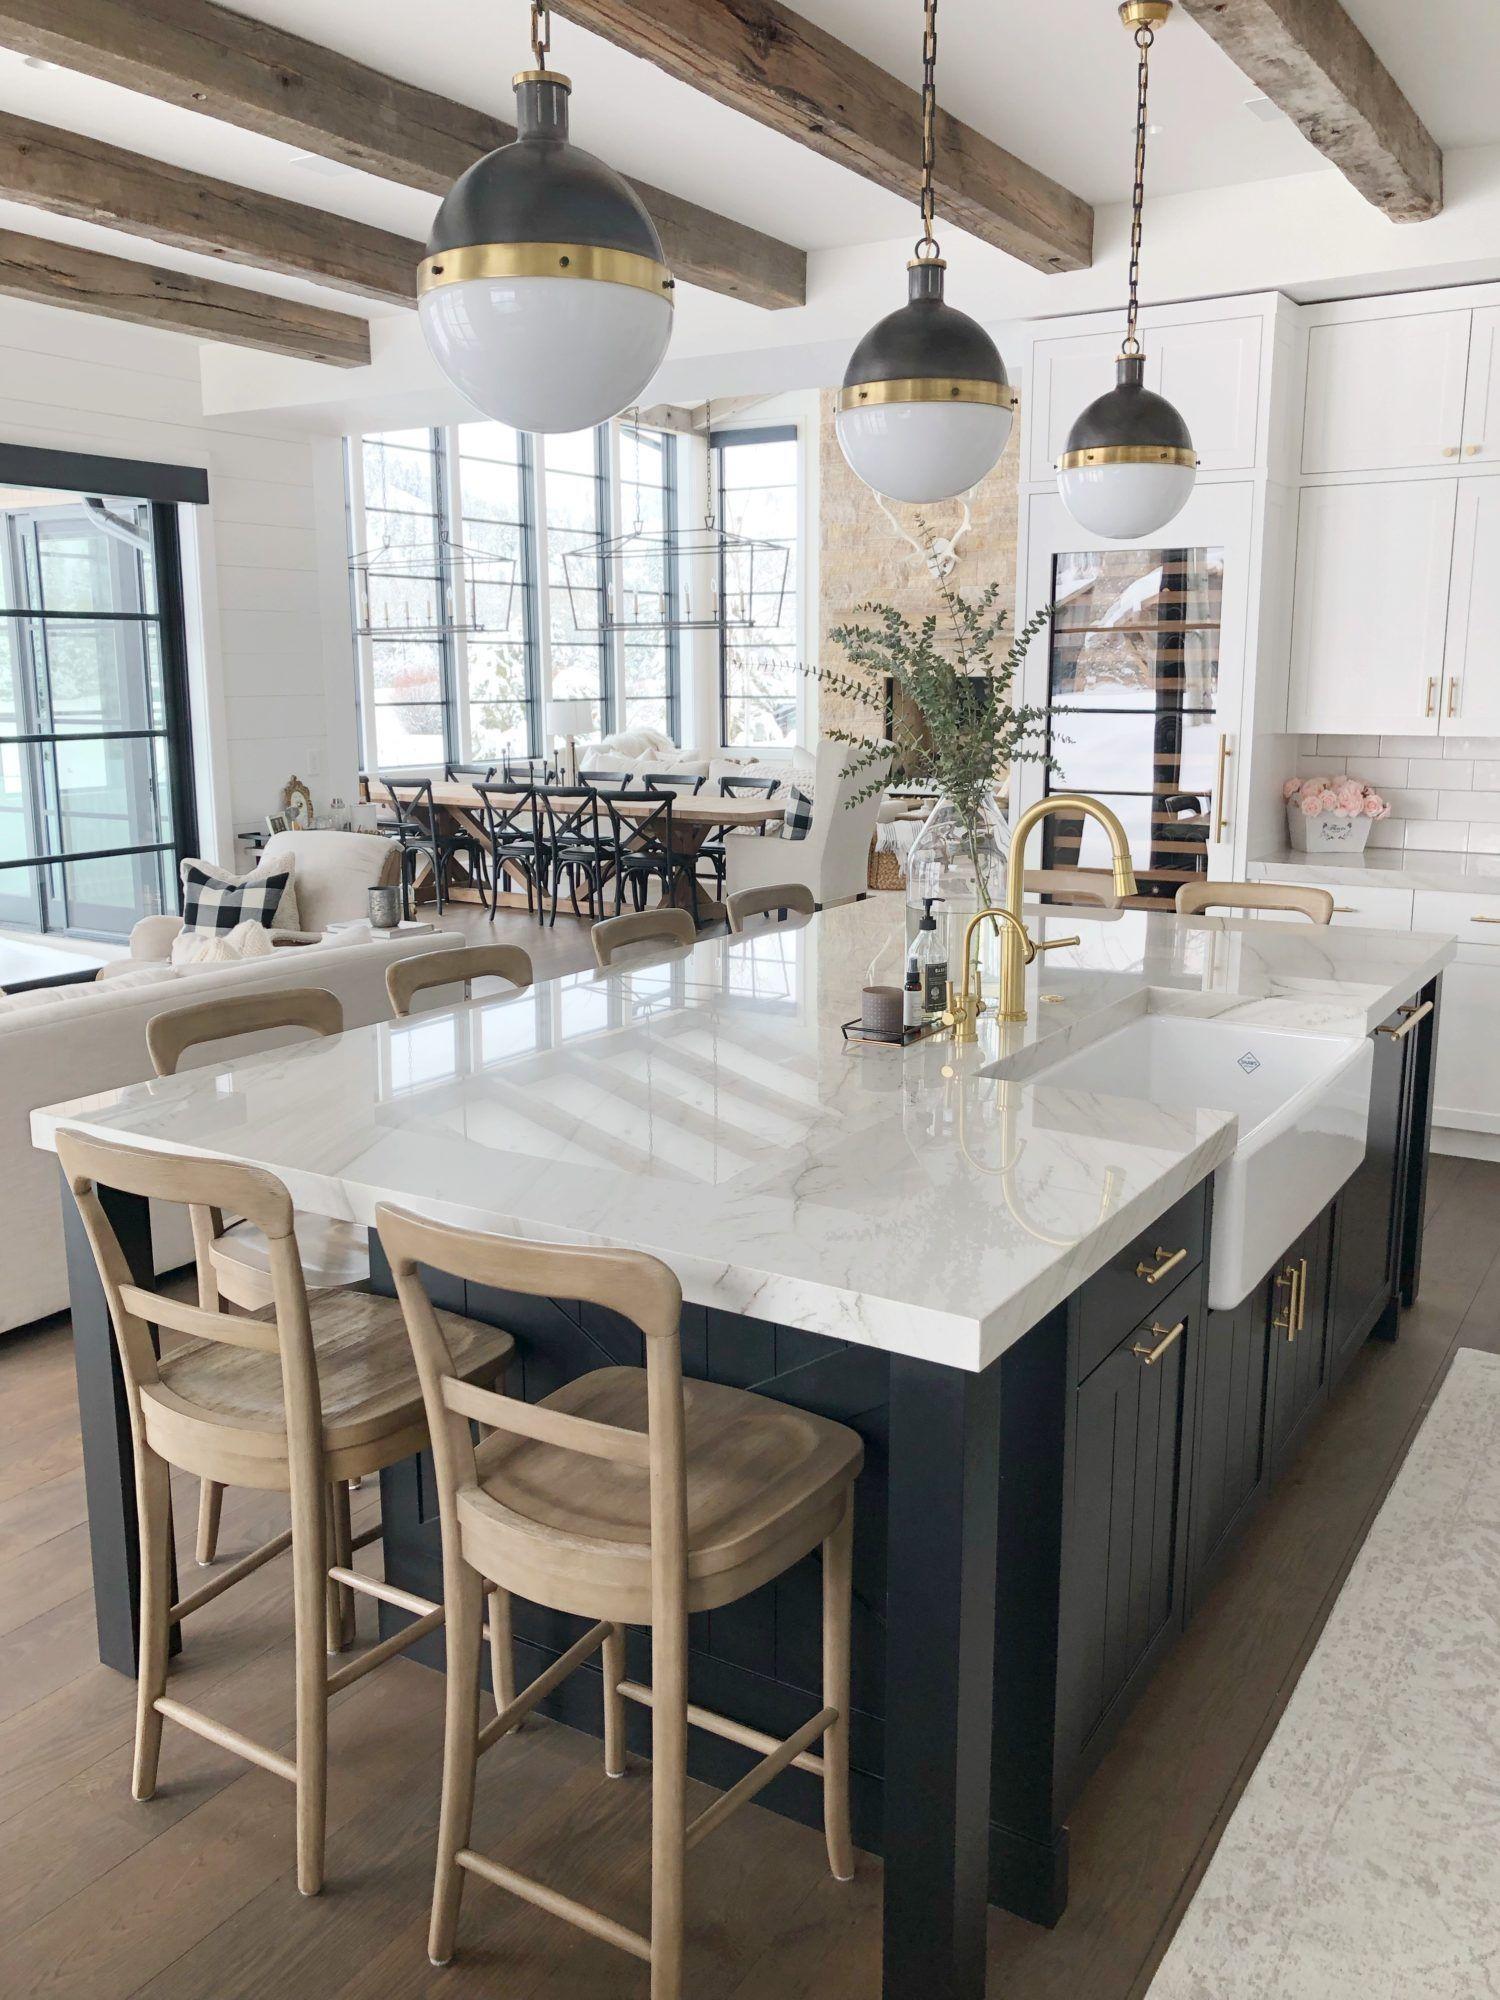 30 Unique Ceiling Farmhouse Kitchen Design Ideas You Must Have In 2020 Modern Farmhouse Kitchens Kitchen Style Farmhouse Kitchen Design